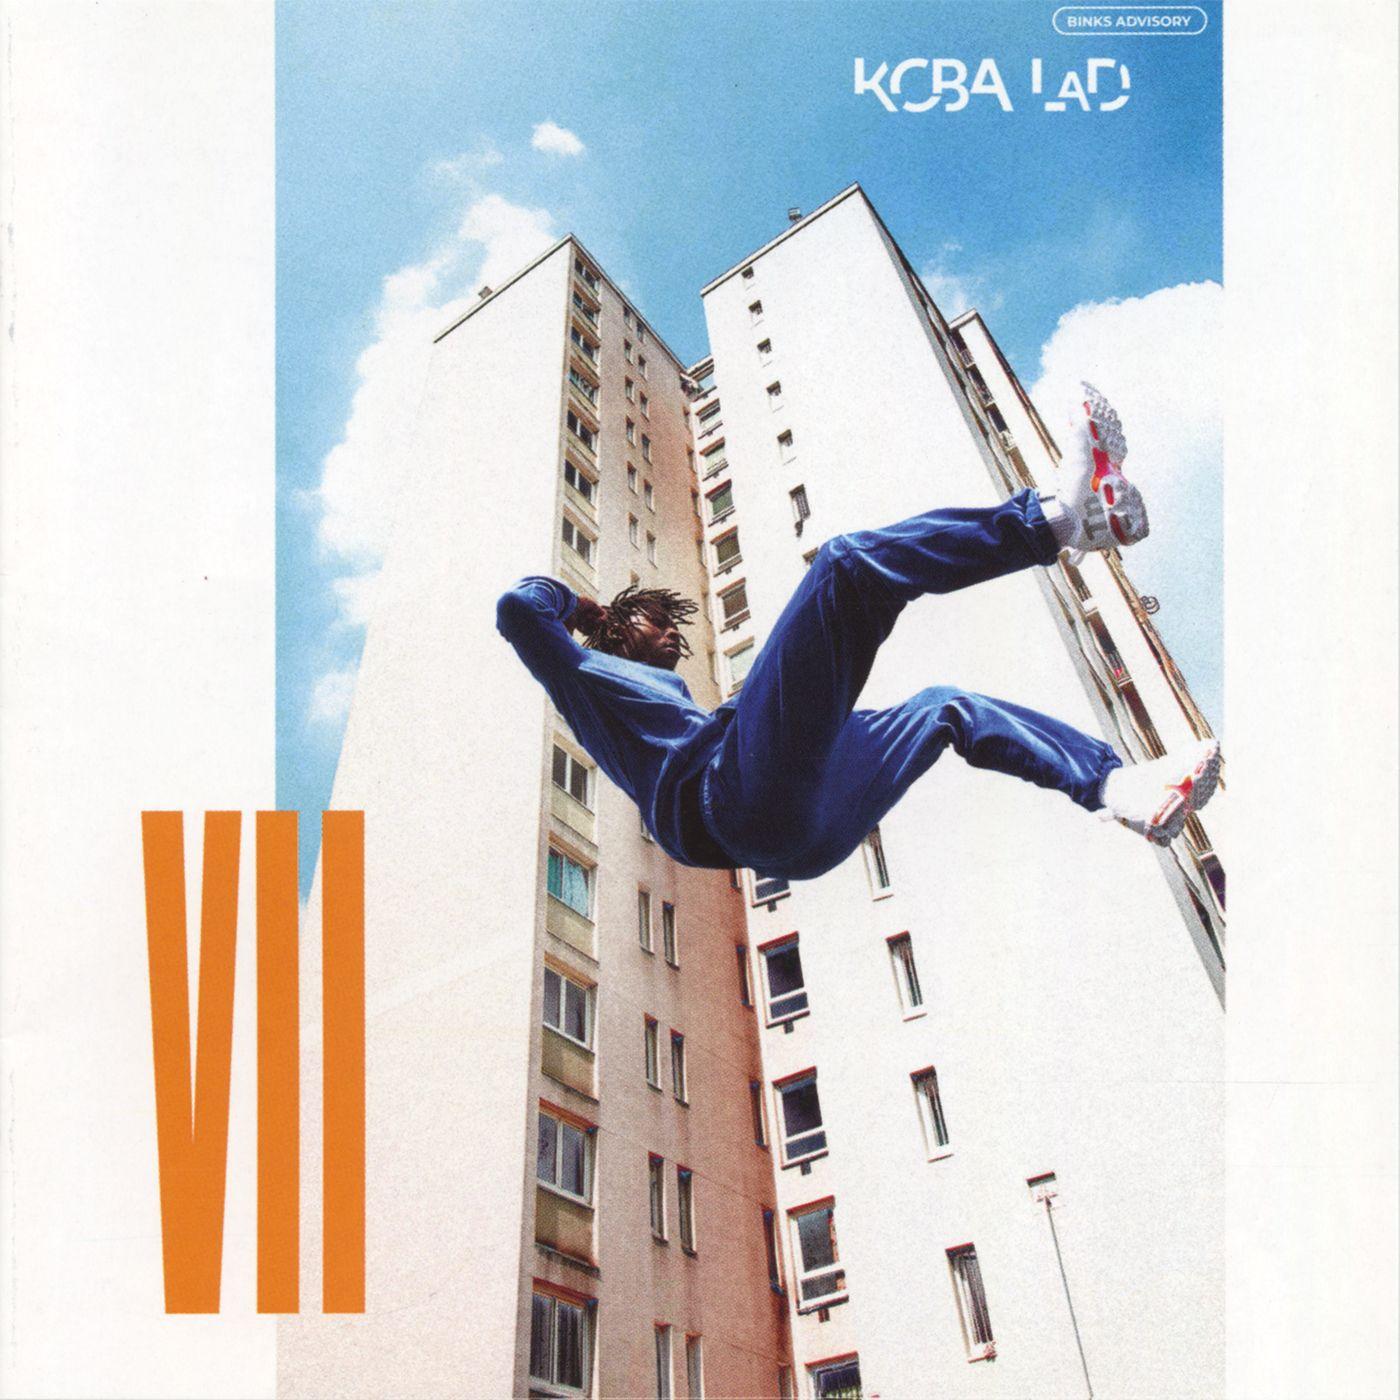 Koba Lad - Vii album cover